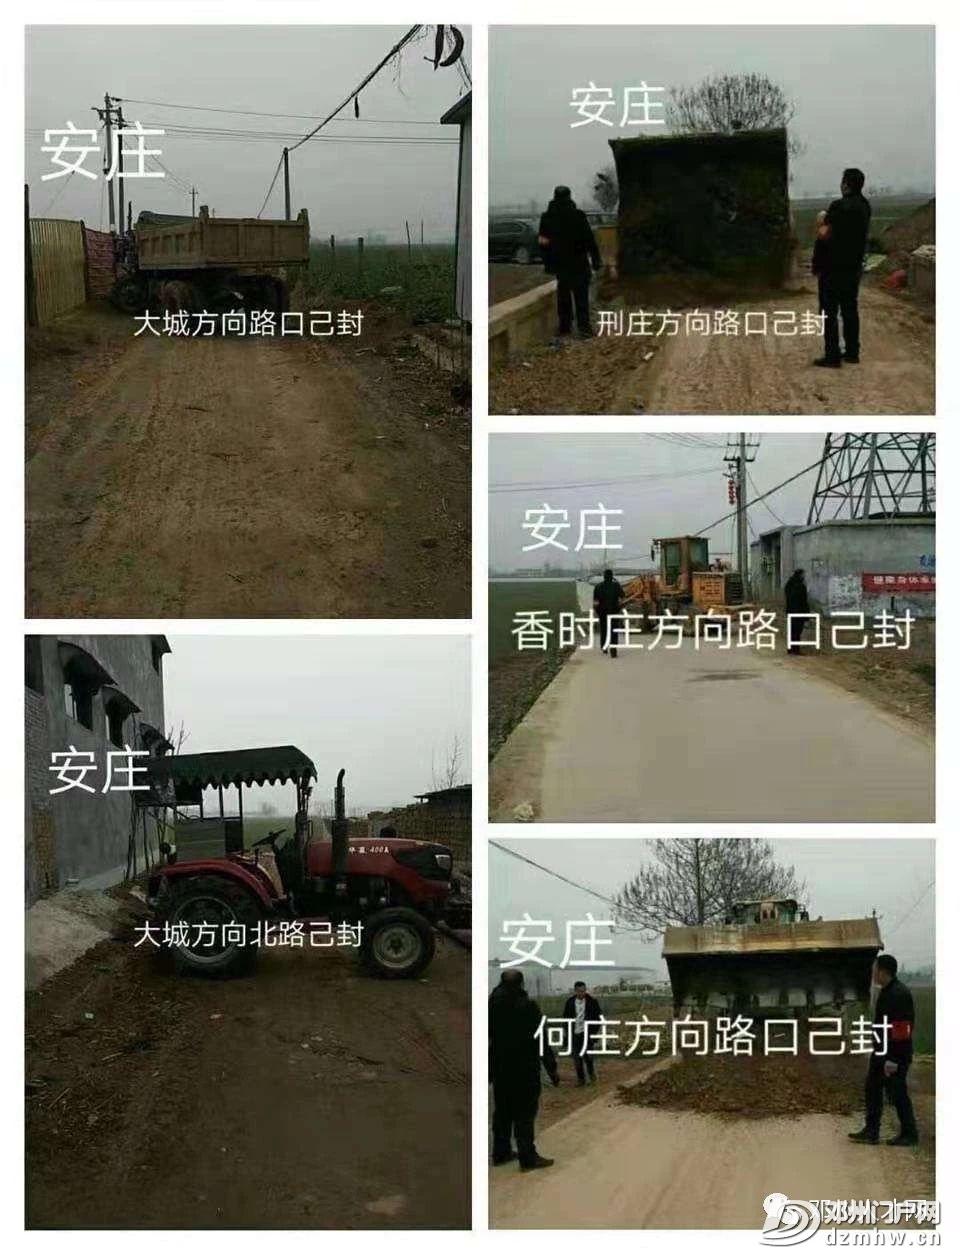 南阳已经确诊8例,各县区切断与湖北道路.... - 邓州门户网|邓州网 - ba5747e08562c8ec7b9487bc04958234.jpg